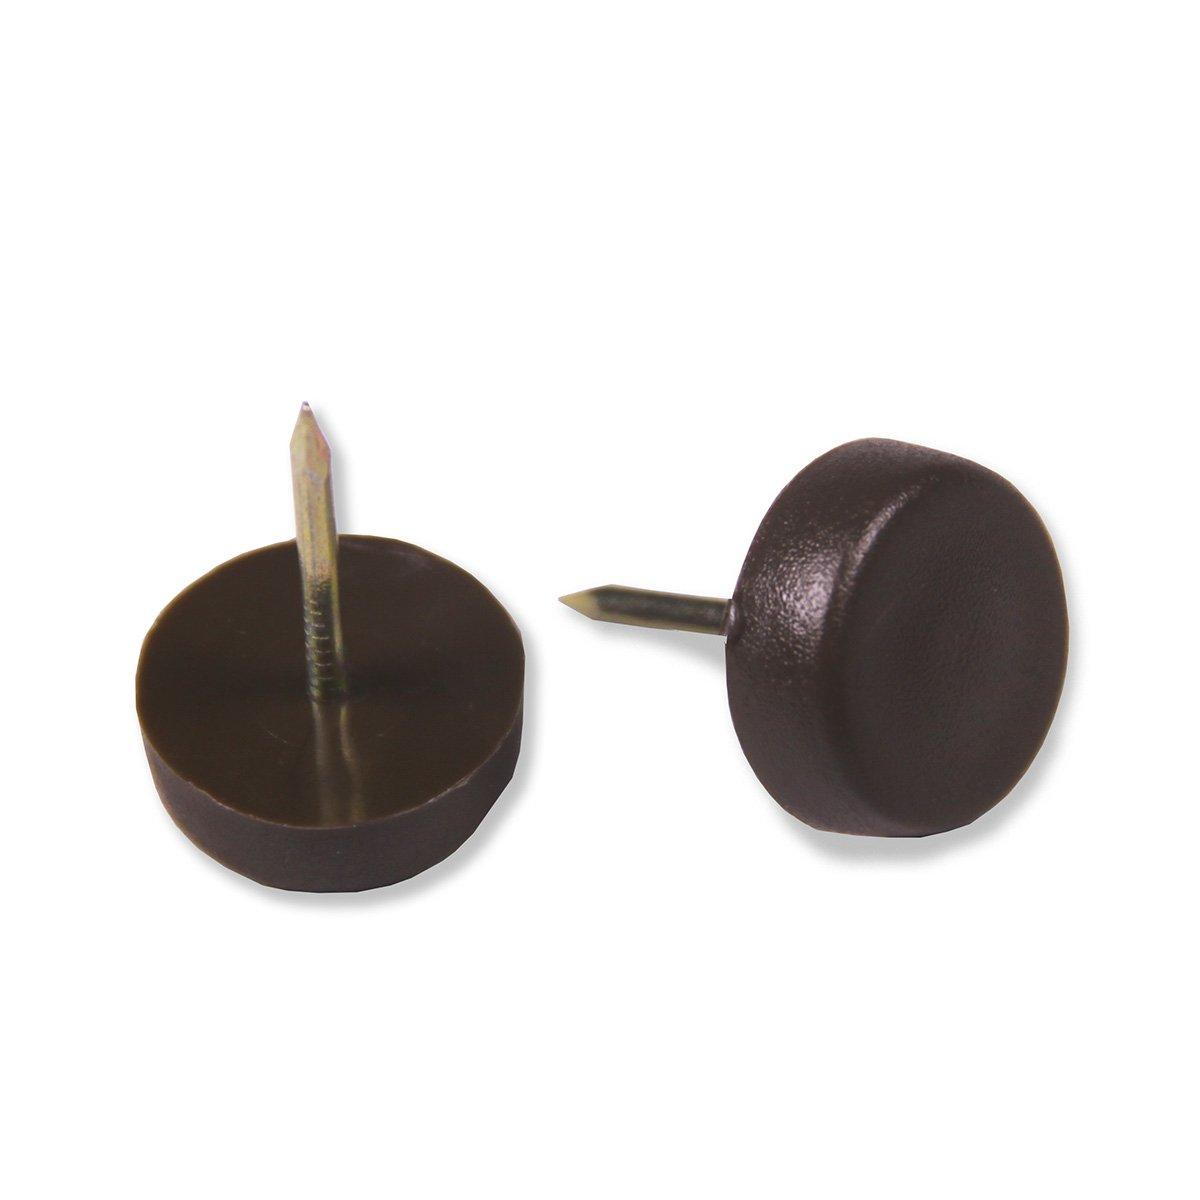 Brinox B77865M - Deslizador plá stico con clavo (Diá metro 22 mm) color marró n